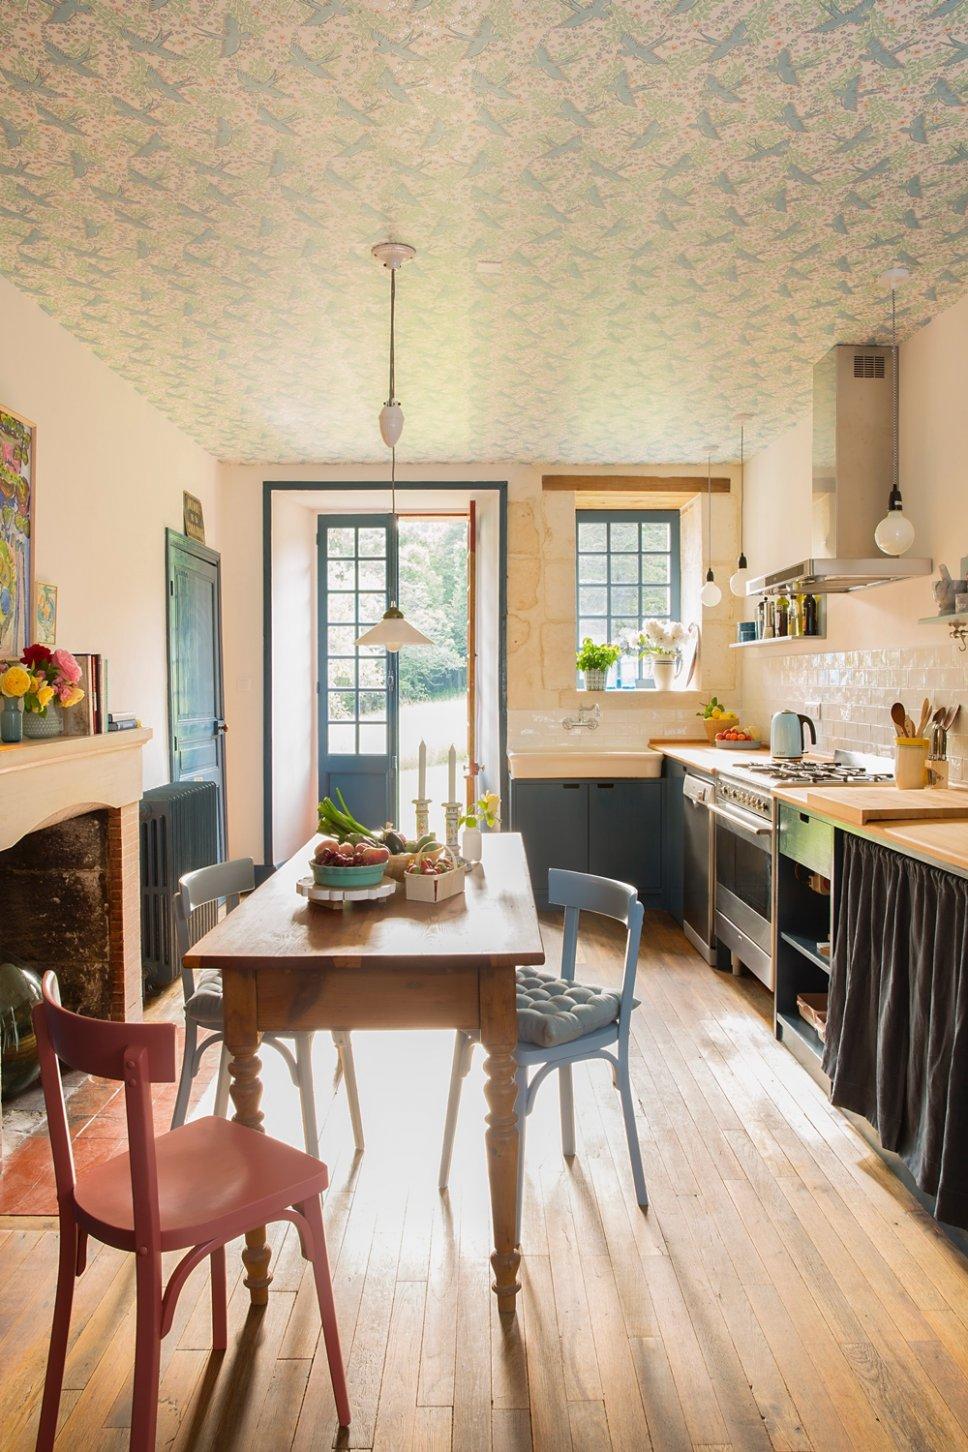 Farbenfroh und nostalgisch eingerichtete Küche in altem französischen Landhaus